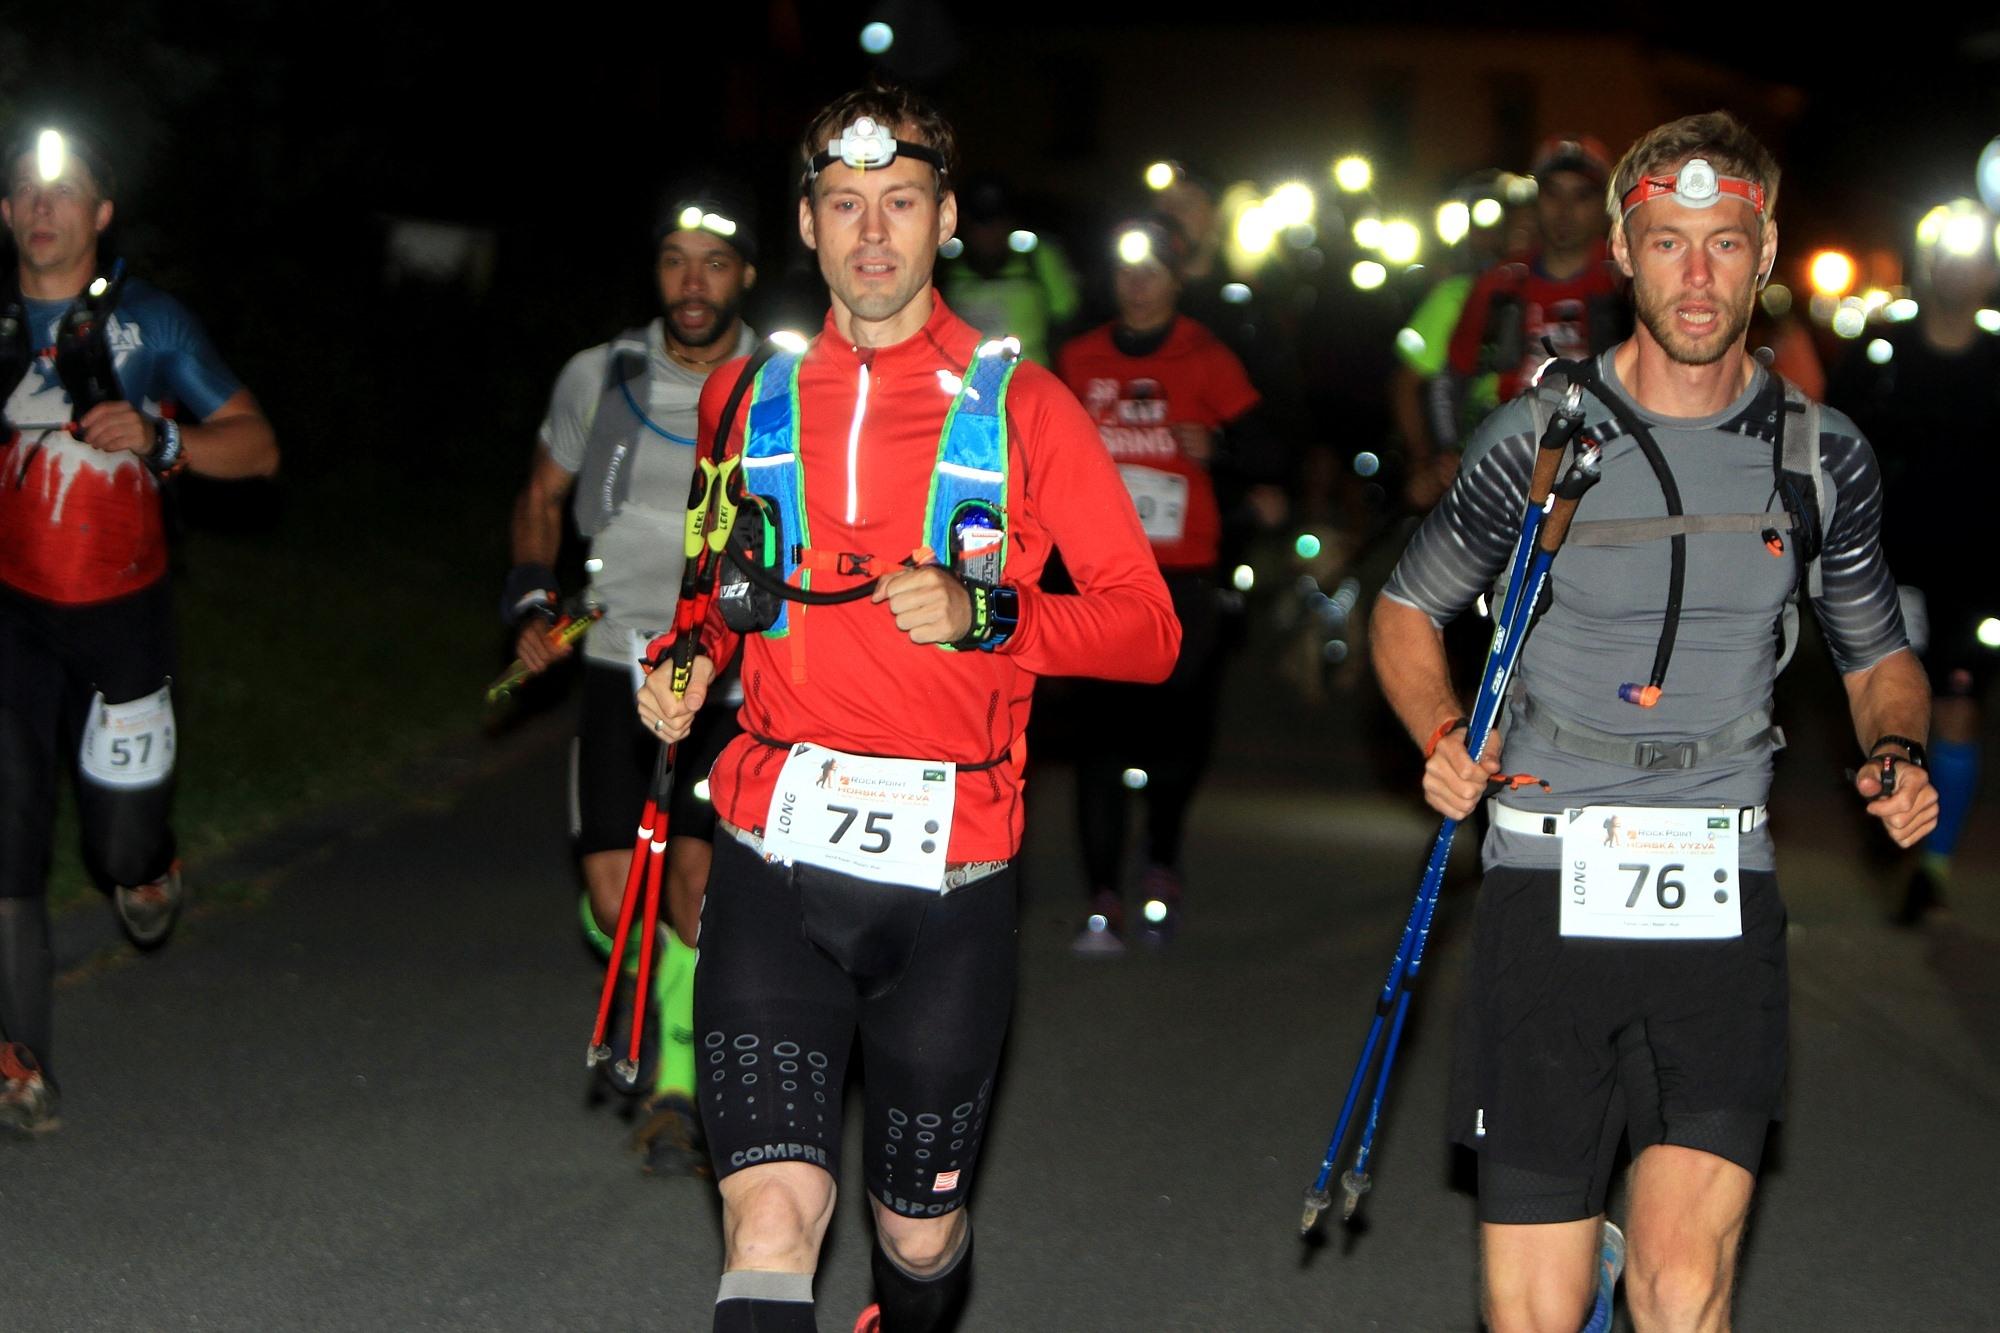 Vítězové mužské kategorie na Longu David Kopal a Tomáš Lisec (zleva). foto: PatRESS.cz